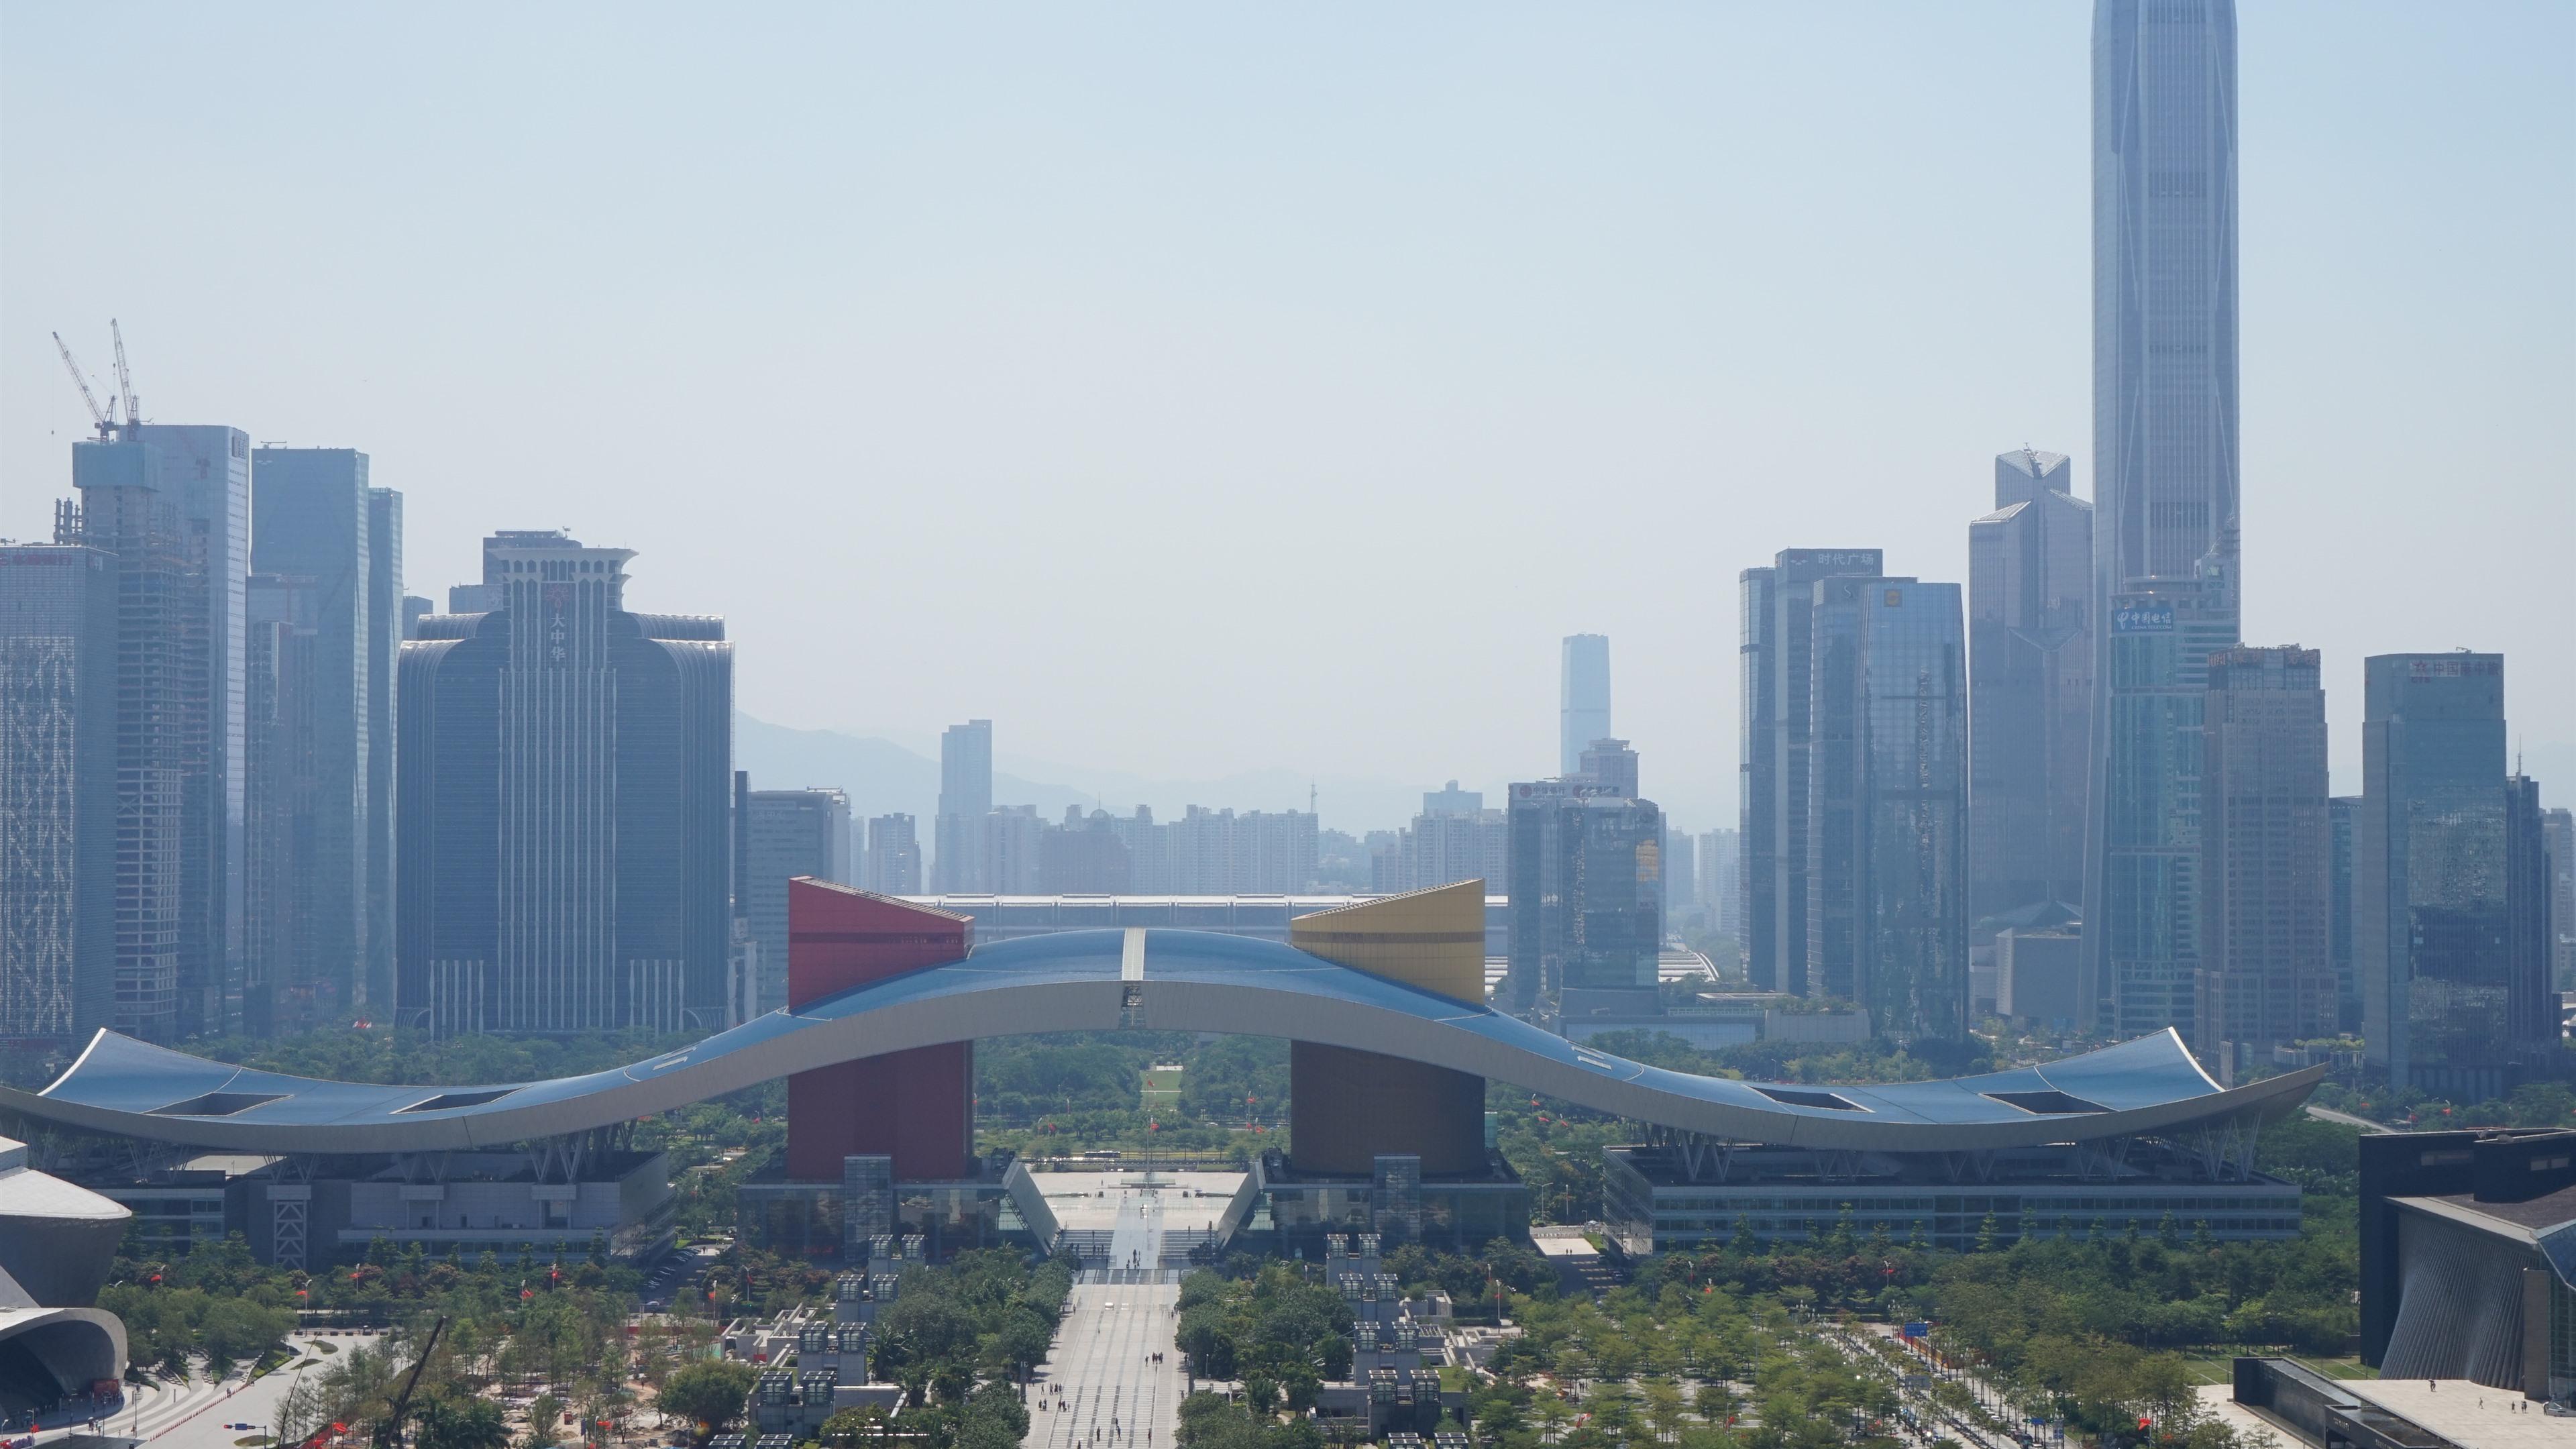 壁纸 深圳市民中心,摩天大楼,薄雾,中国 5120x2880 UHD 5K 高清壁纸, 图片, 照片